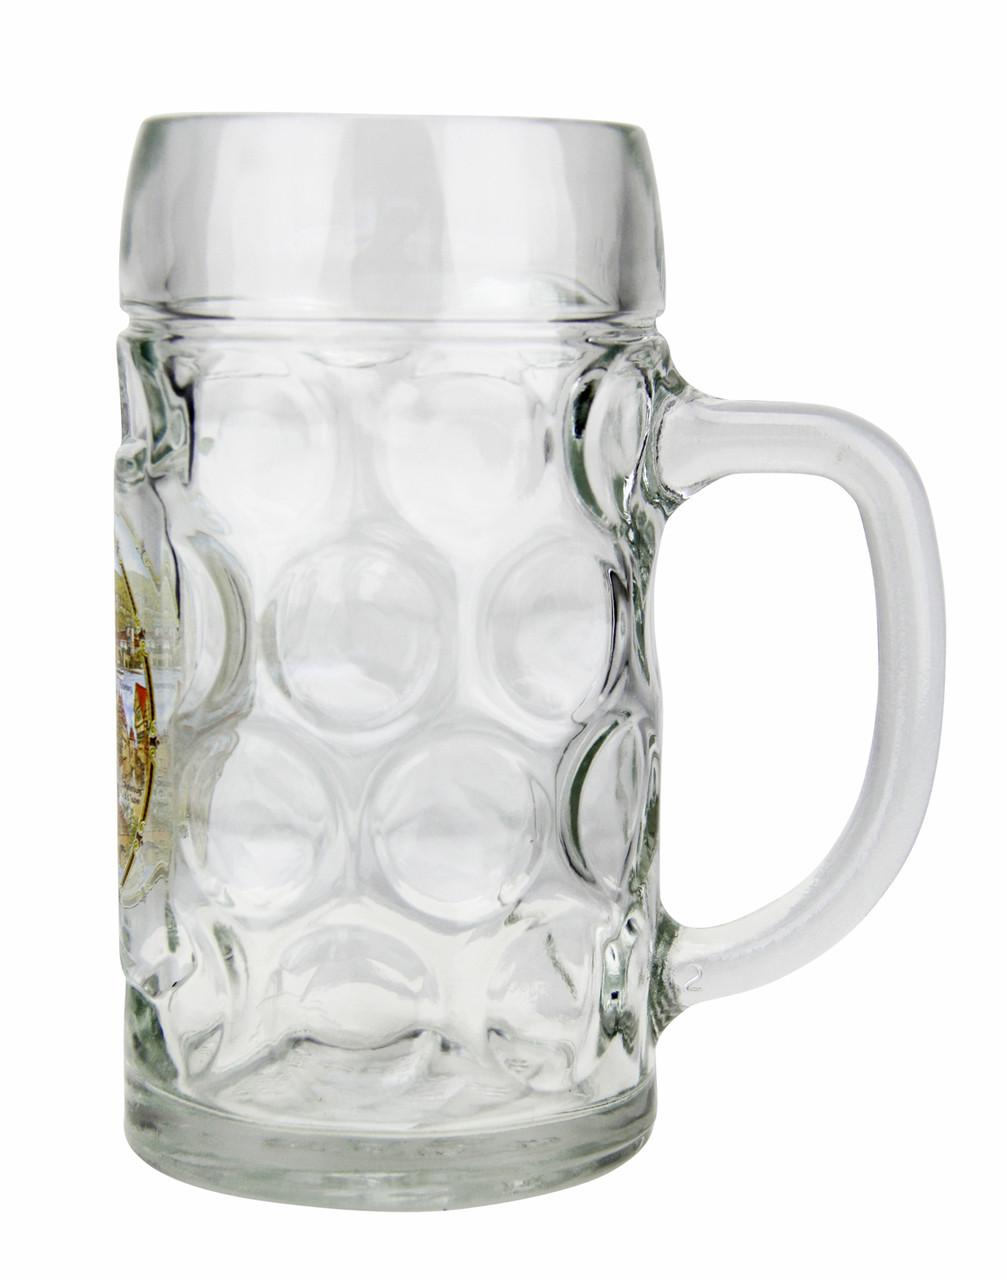 Personalized Beer Mug with German Landmarks